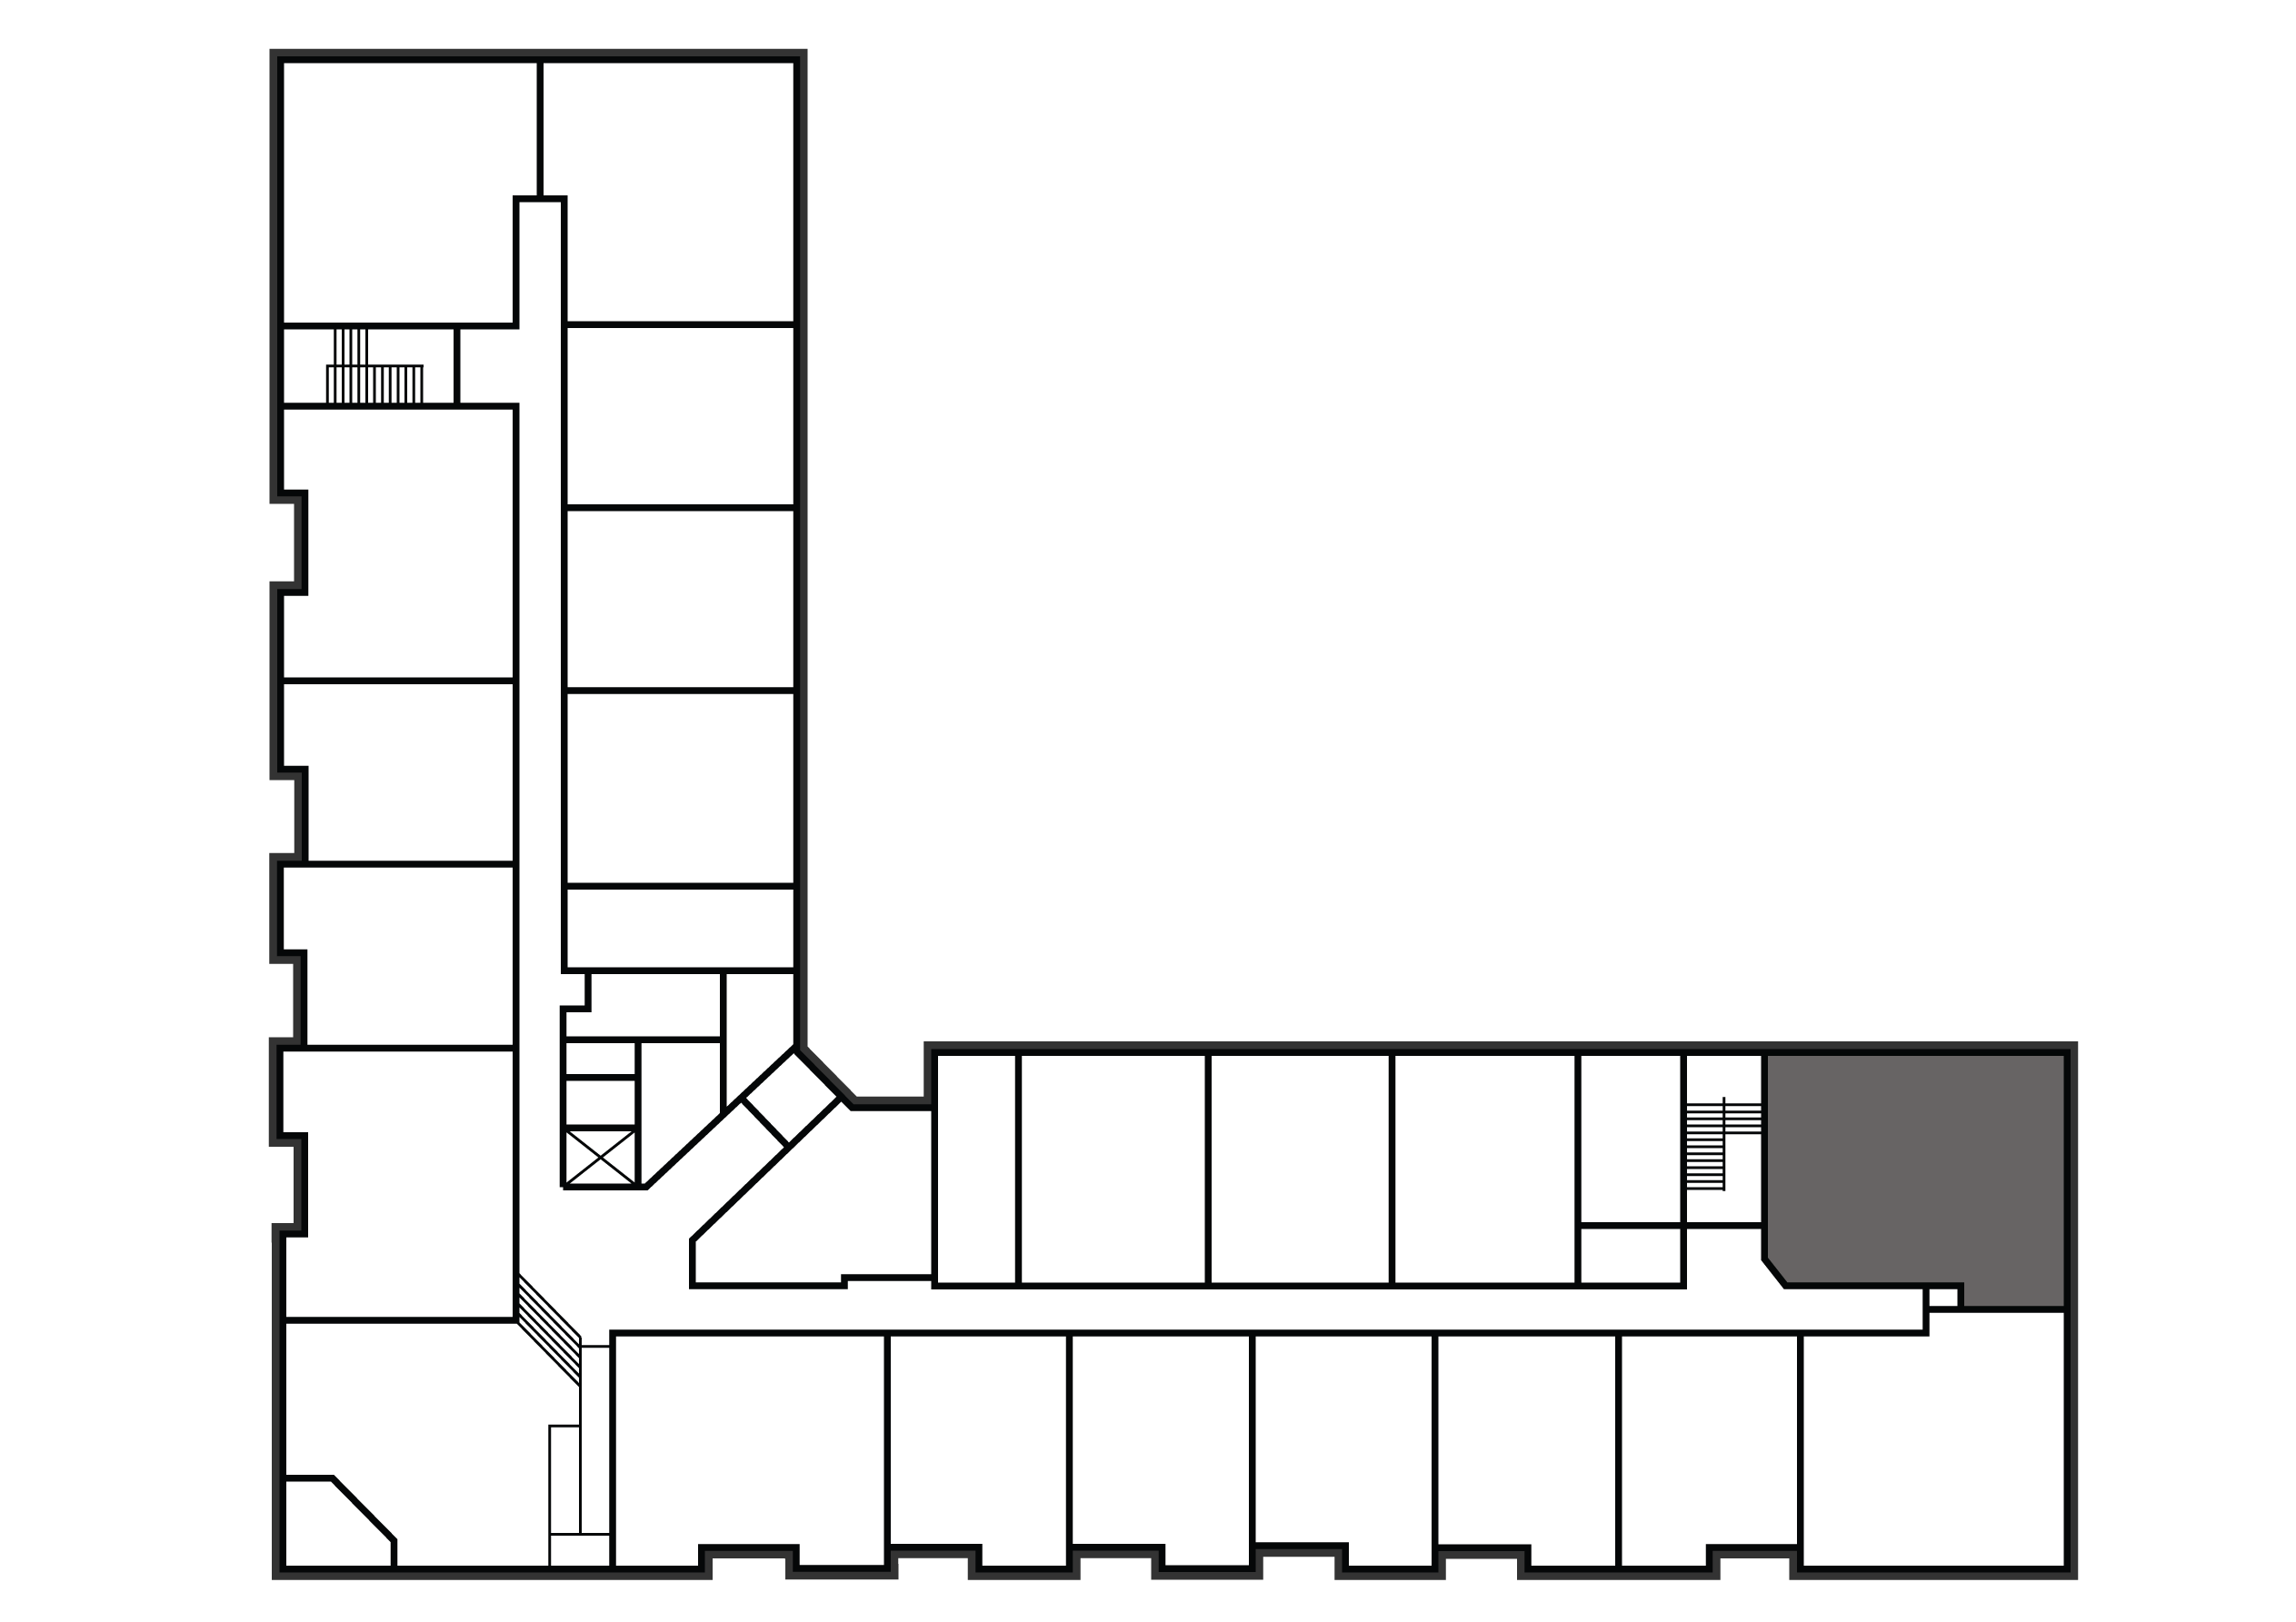 Unit 2120 keyplan